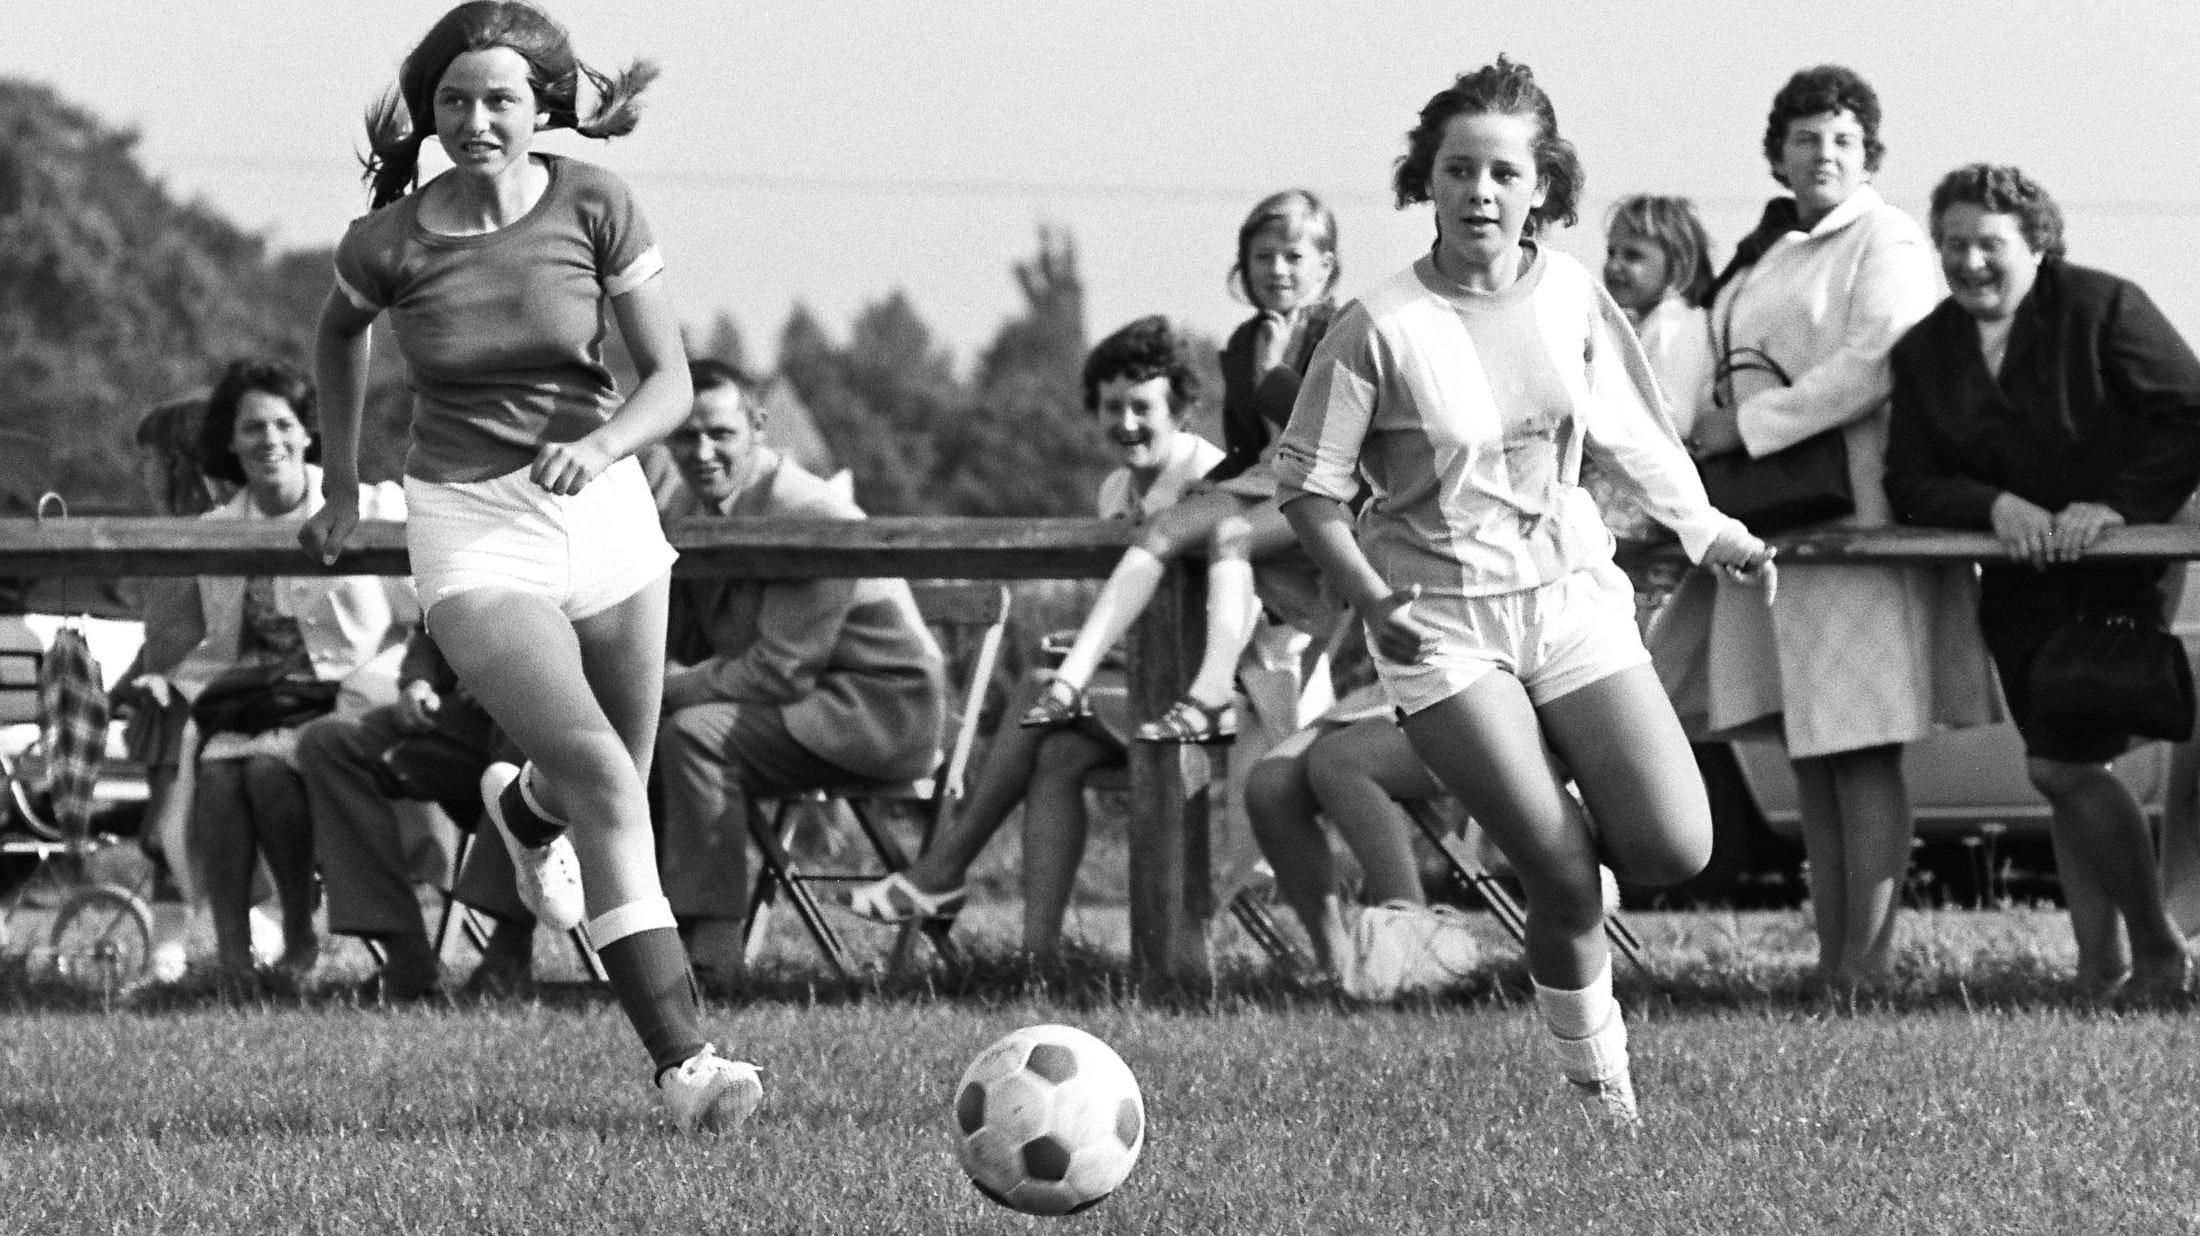 Dieses Foto von 1971 sorgte für Gesprächsstoff: Viele Lutter fragten sich, wer die beiden Fußballerinnen sind. Die Antwort: Maria Freese (links) und Monika Bardelmann. Foto: Archiv